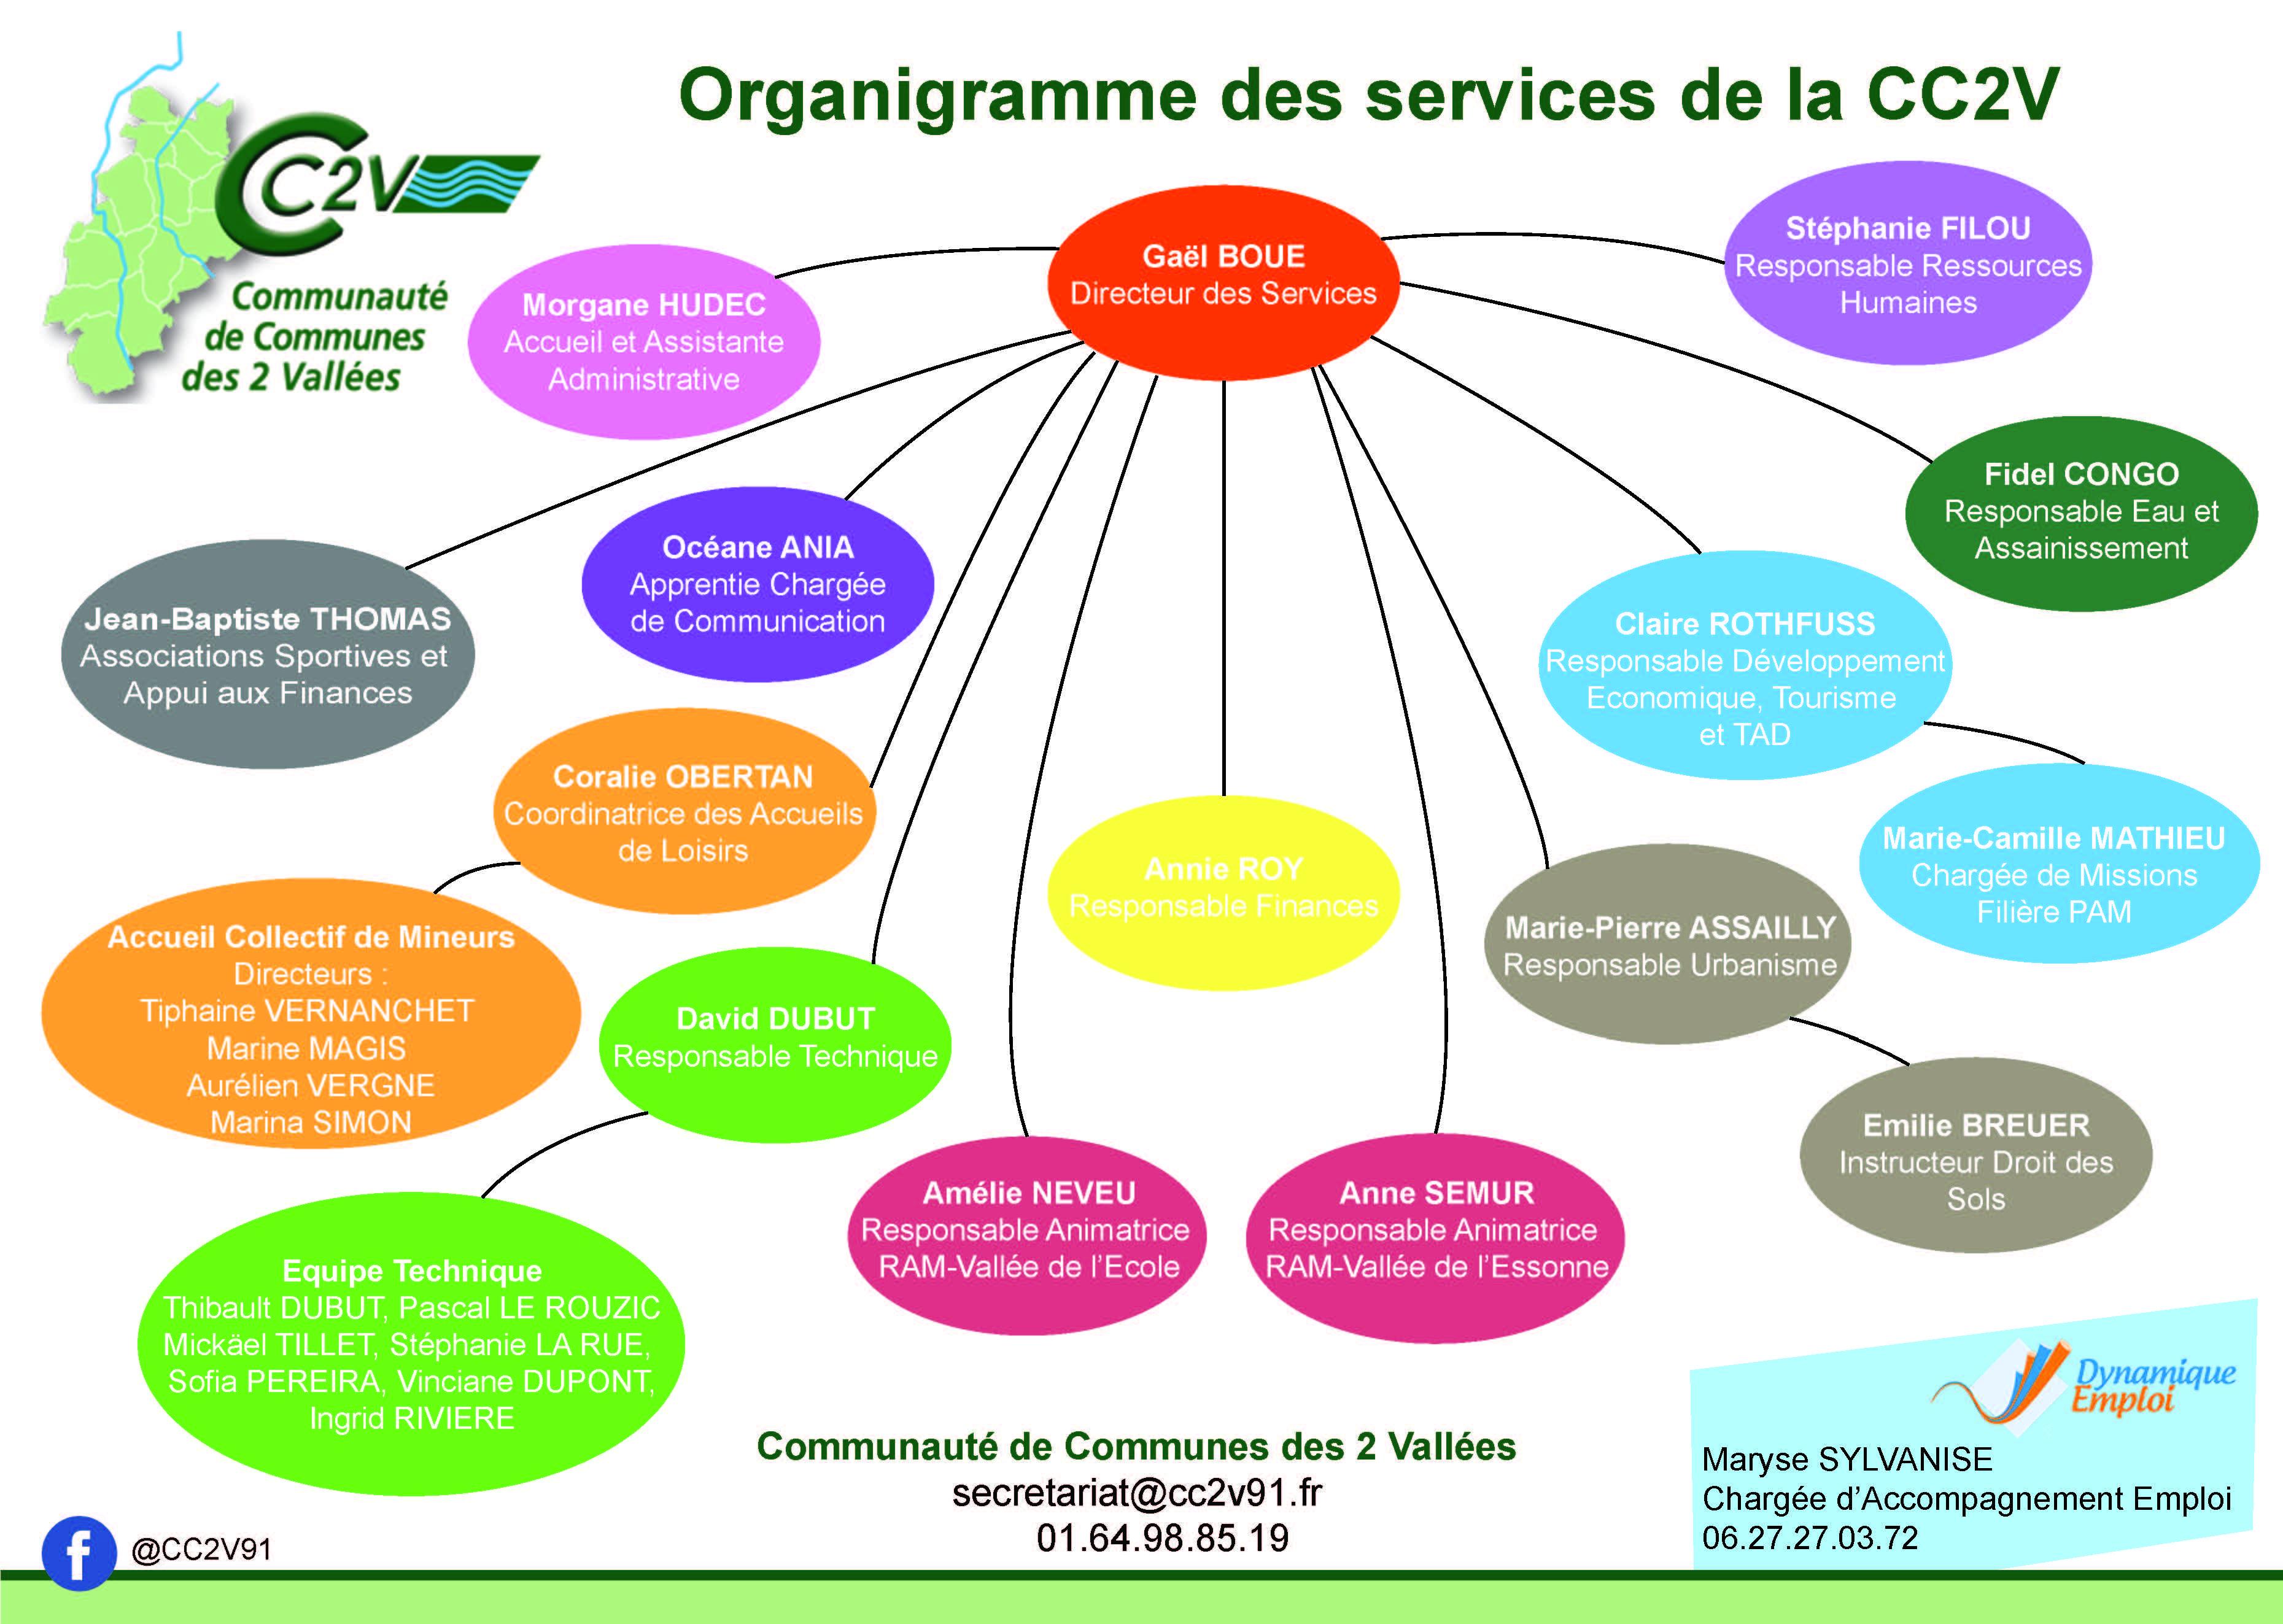 Organigramme - CC2V.jpg